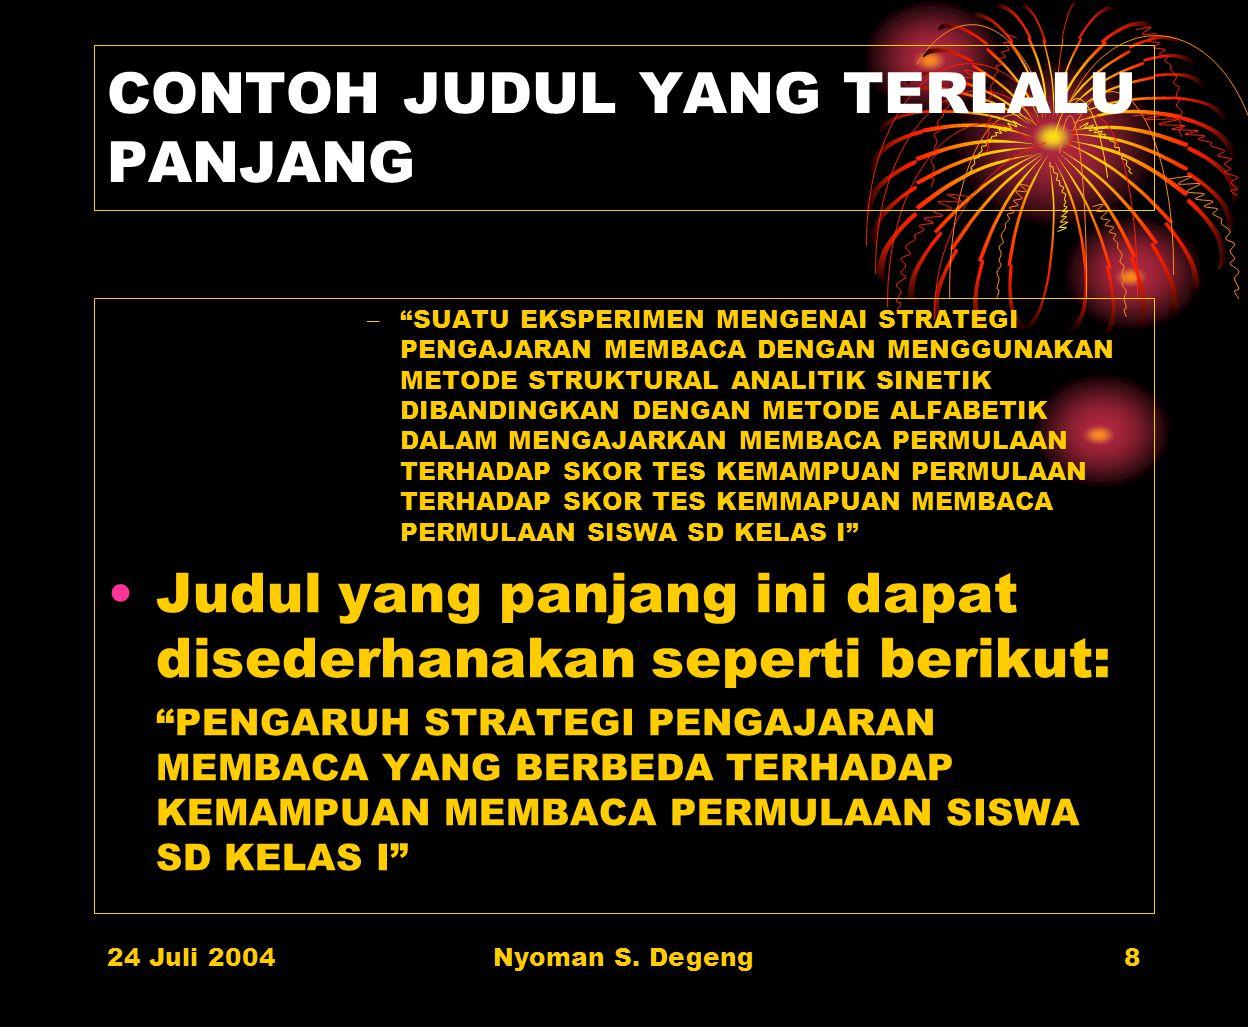 24 Juli 2004Nyoman S. Degeng7 PANJANG JUDUL PENELITIAN Panjang judul penelitian jangan lebih dari 15 kata Ungkapan berikut tidak perlu digunakan: =' S